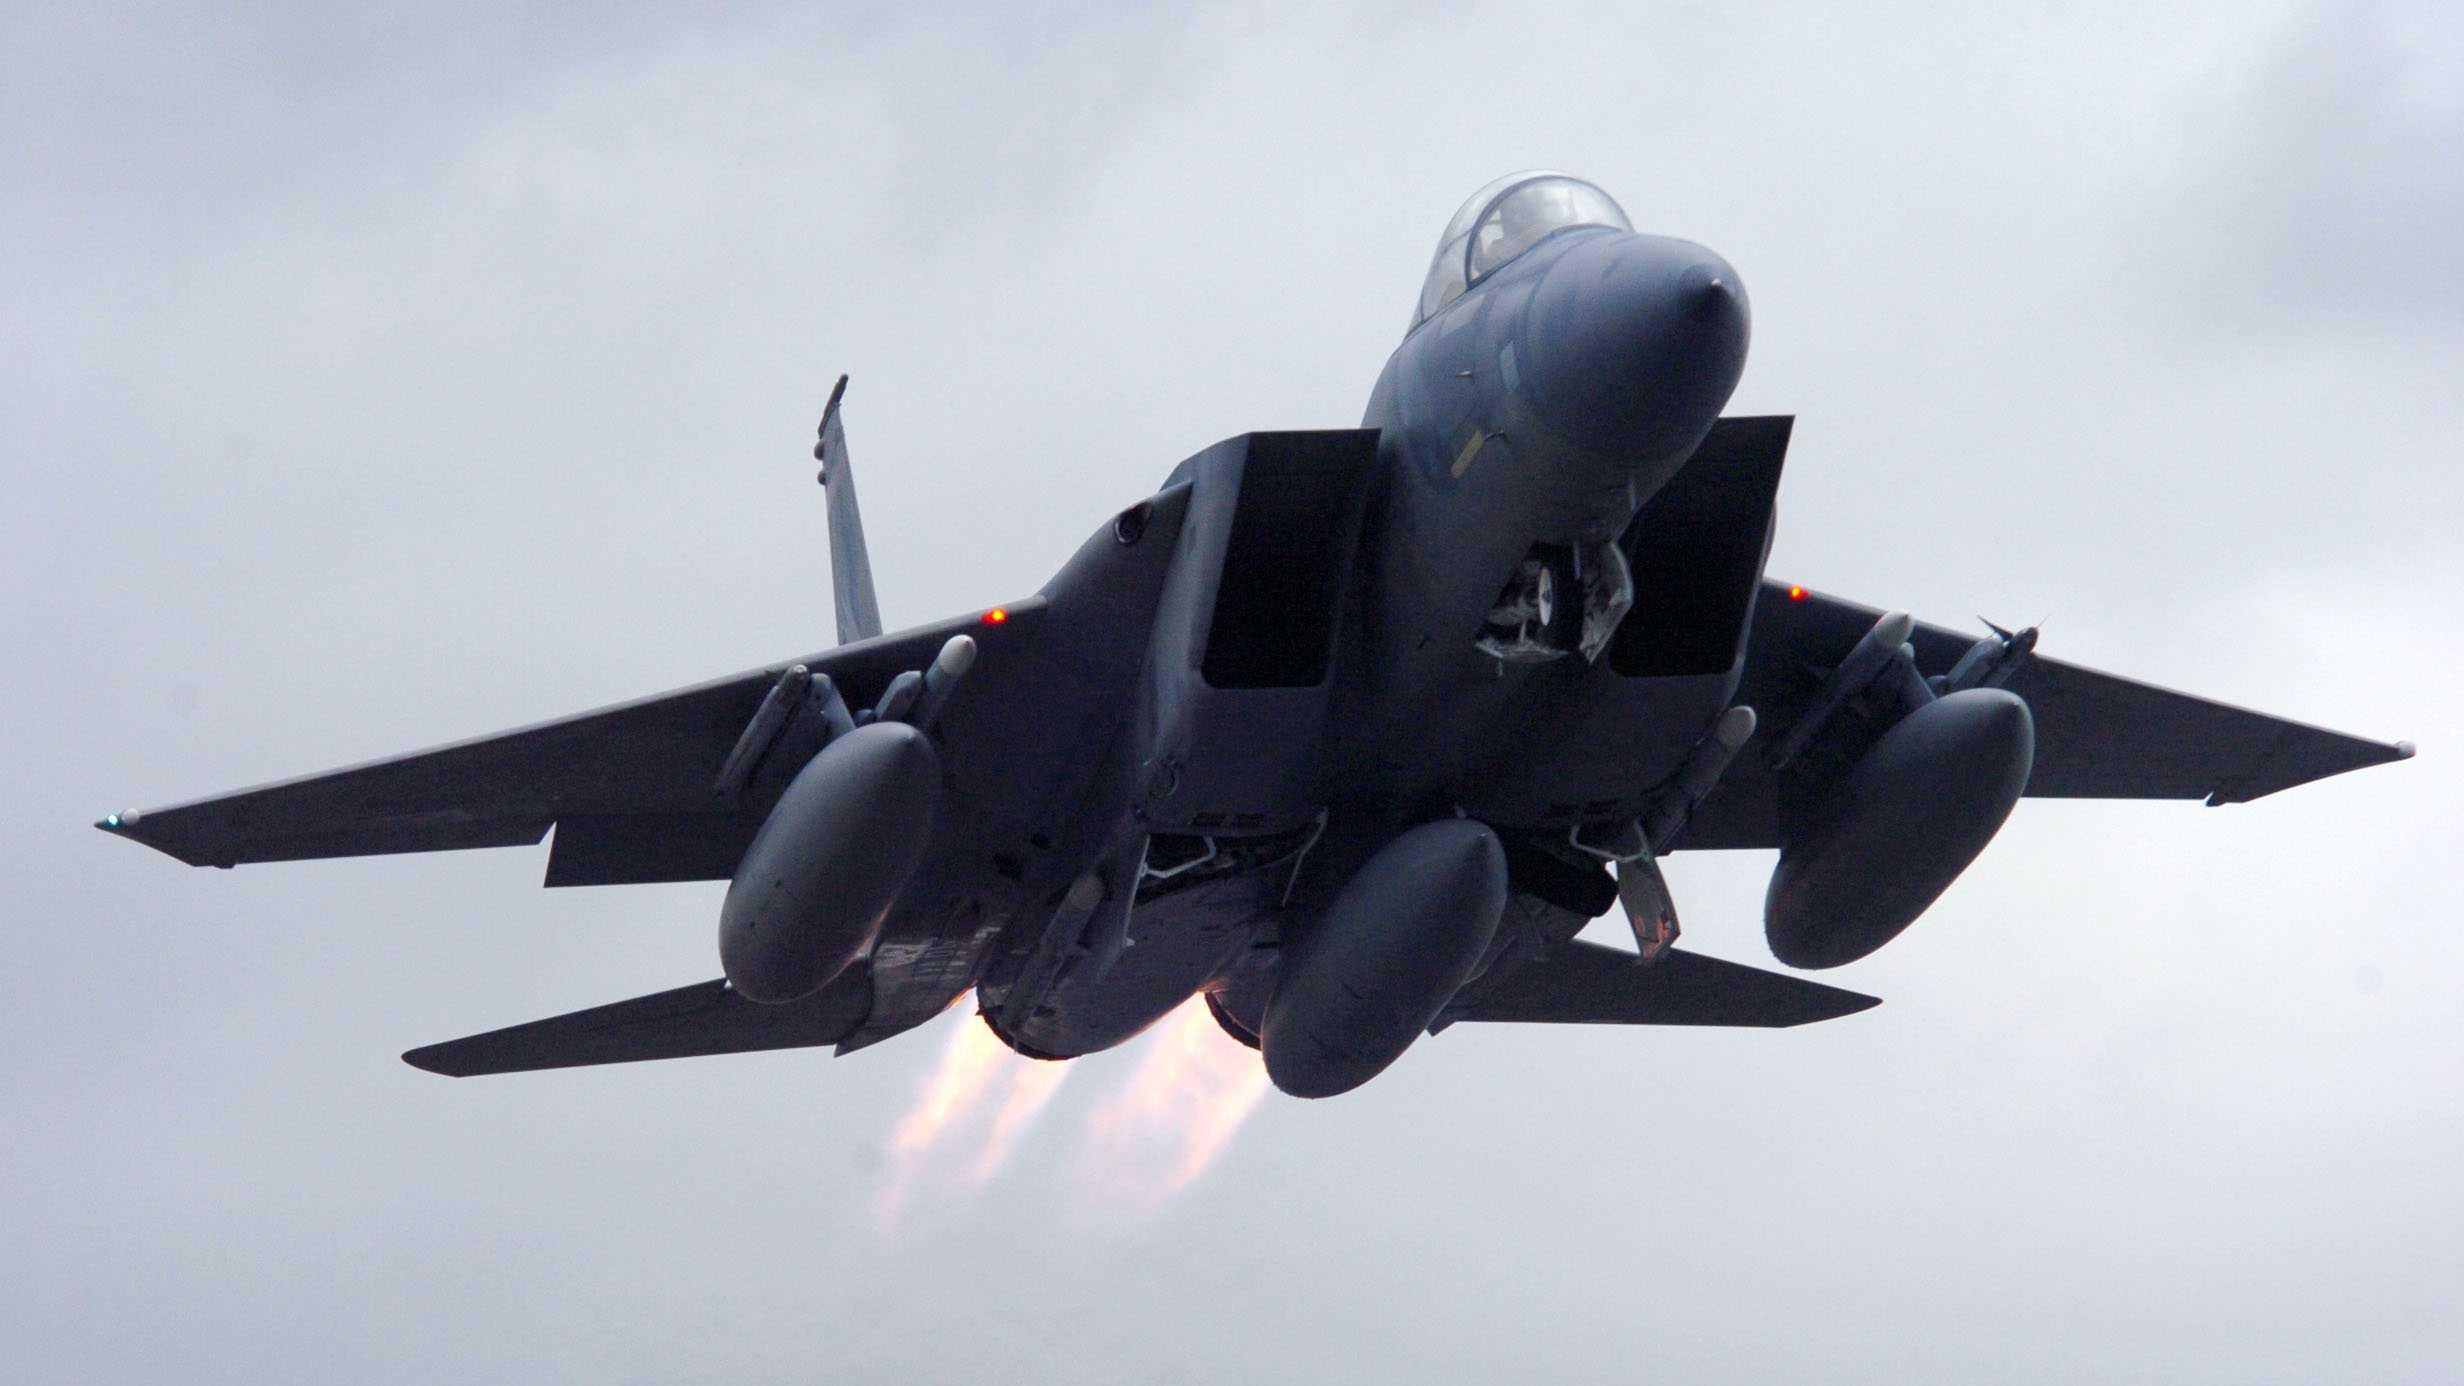 F-15 jet